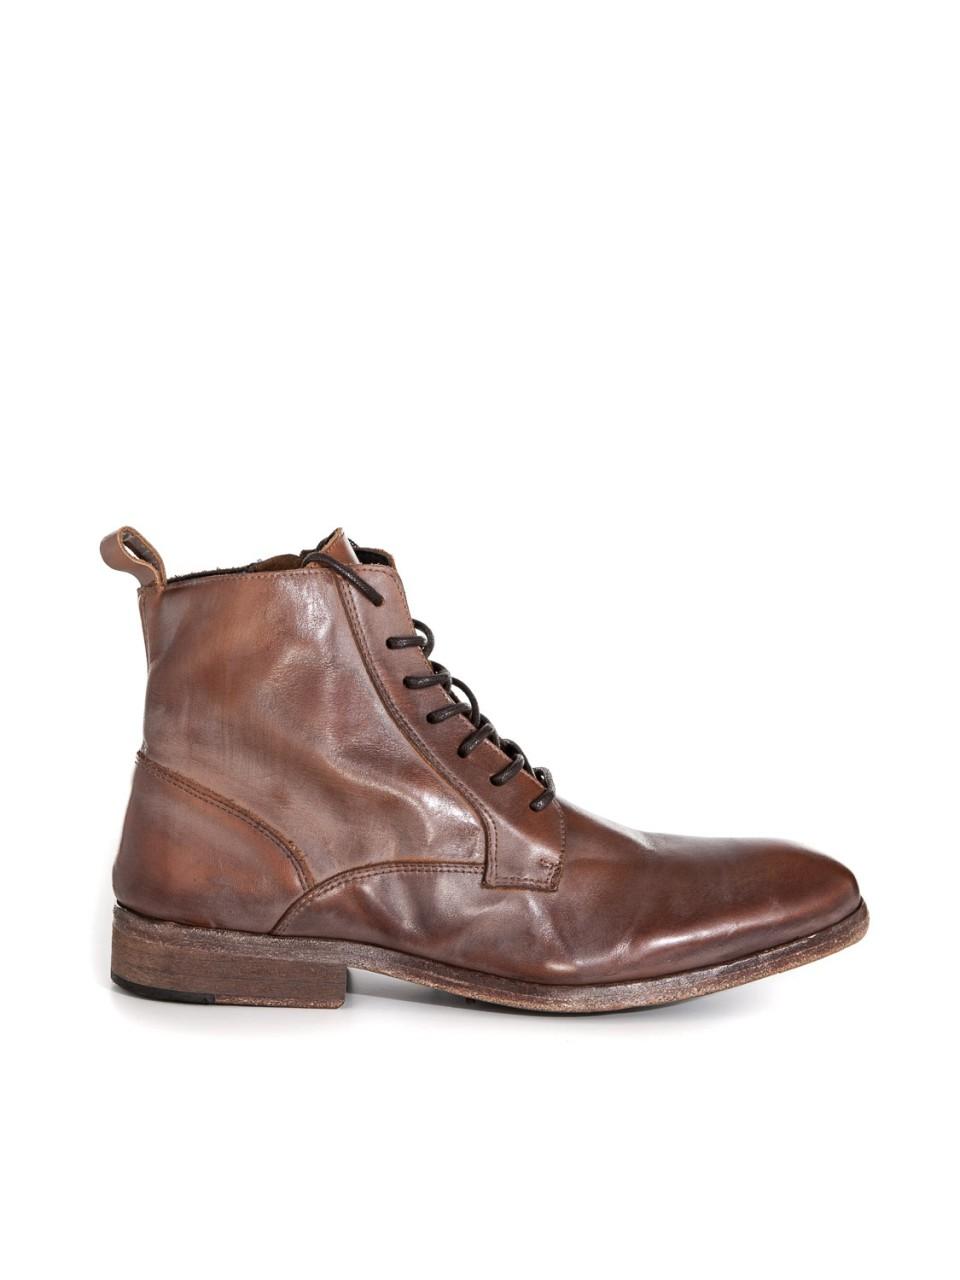 Boots Lenny BRANDY/MUD BRN